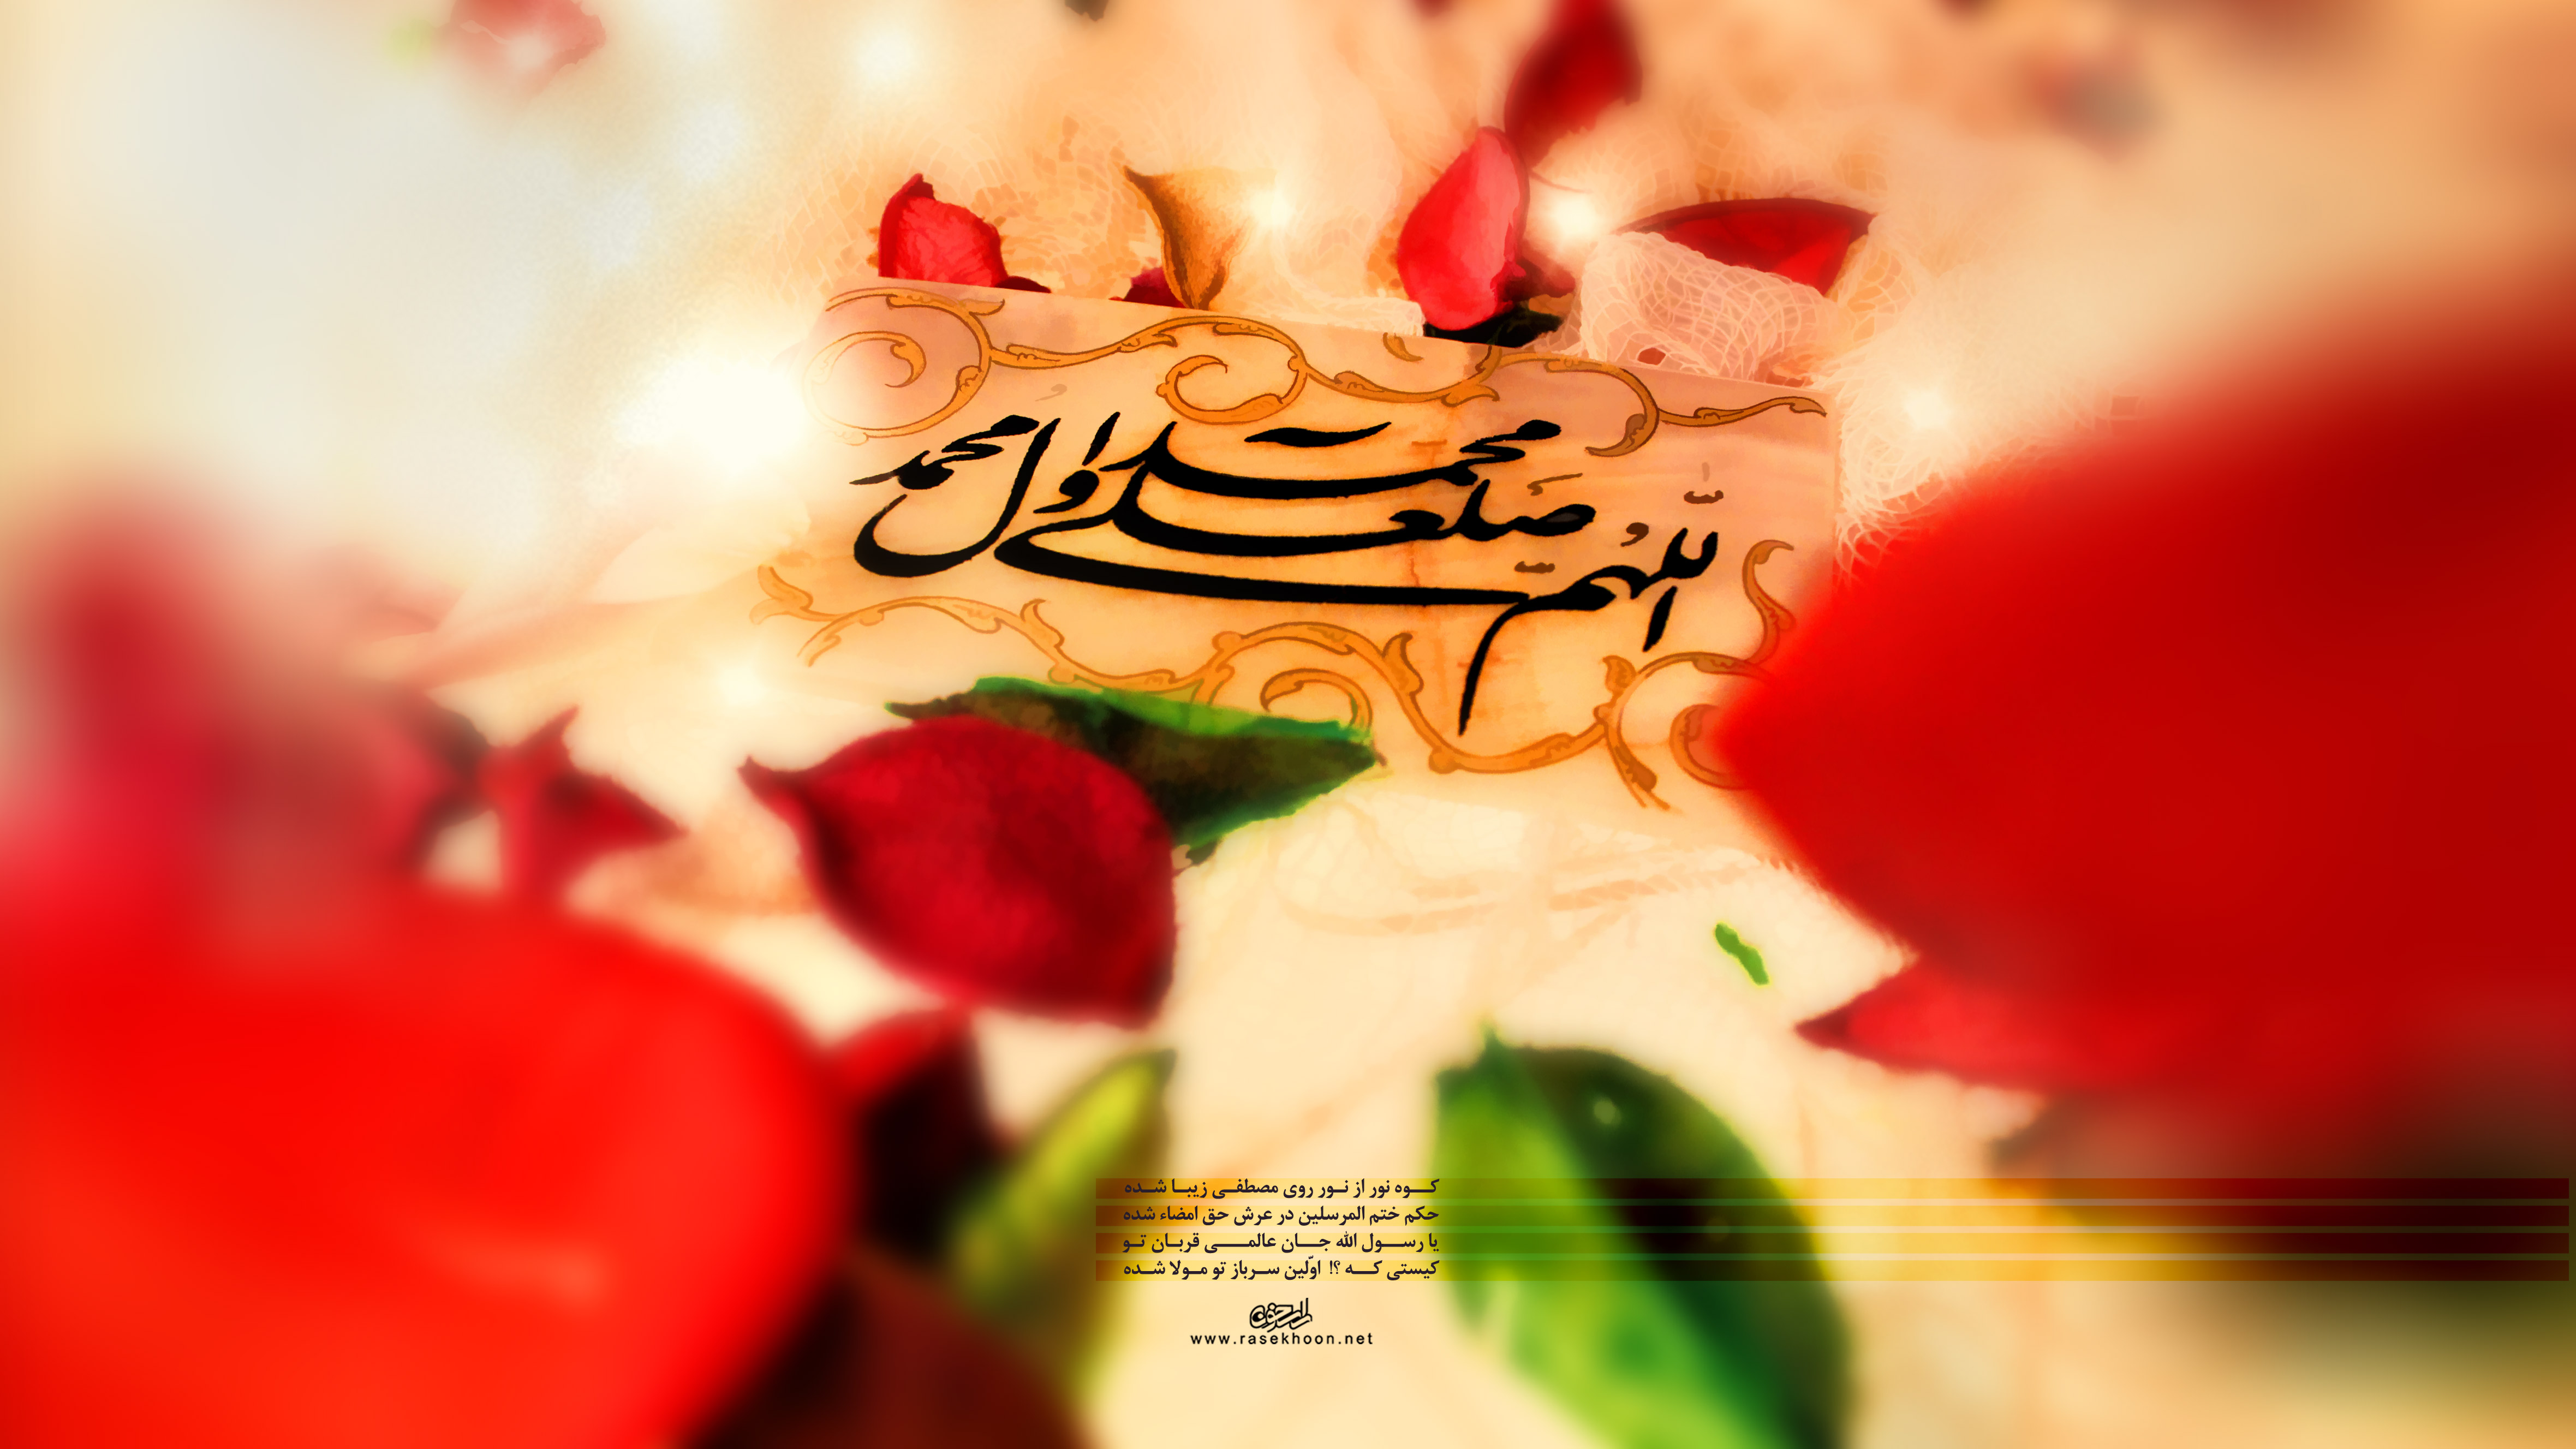 پوستر مبعث پیامبر اکرم صلی الله علیه واله وسلم